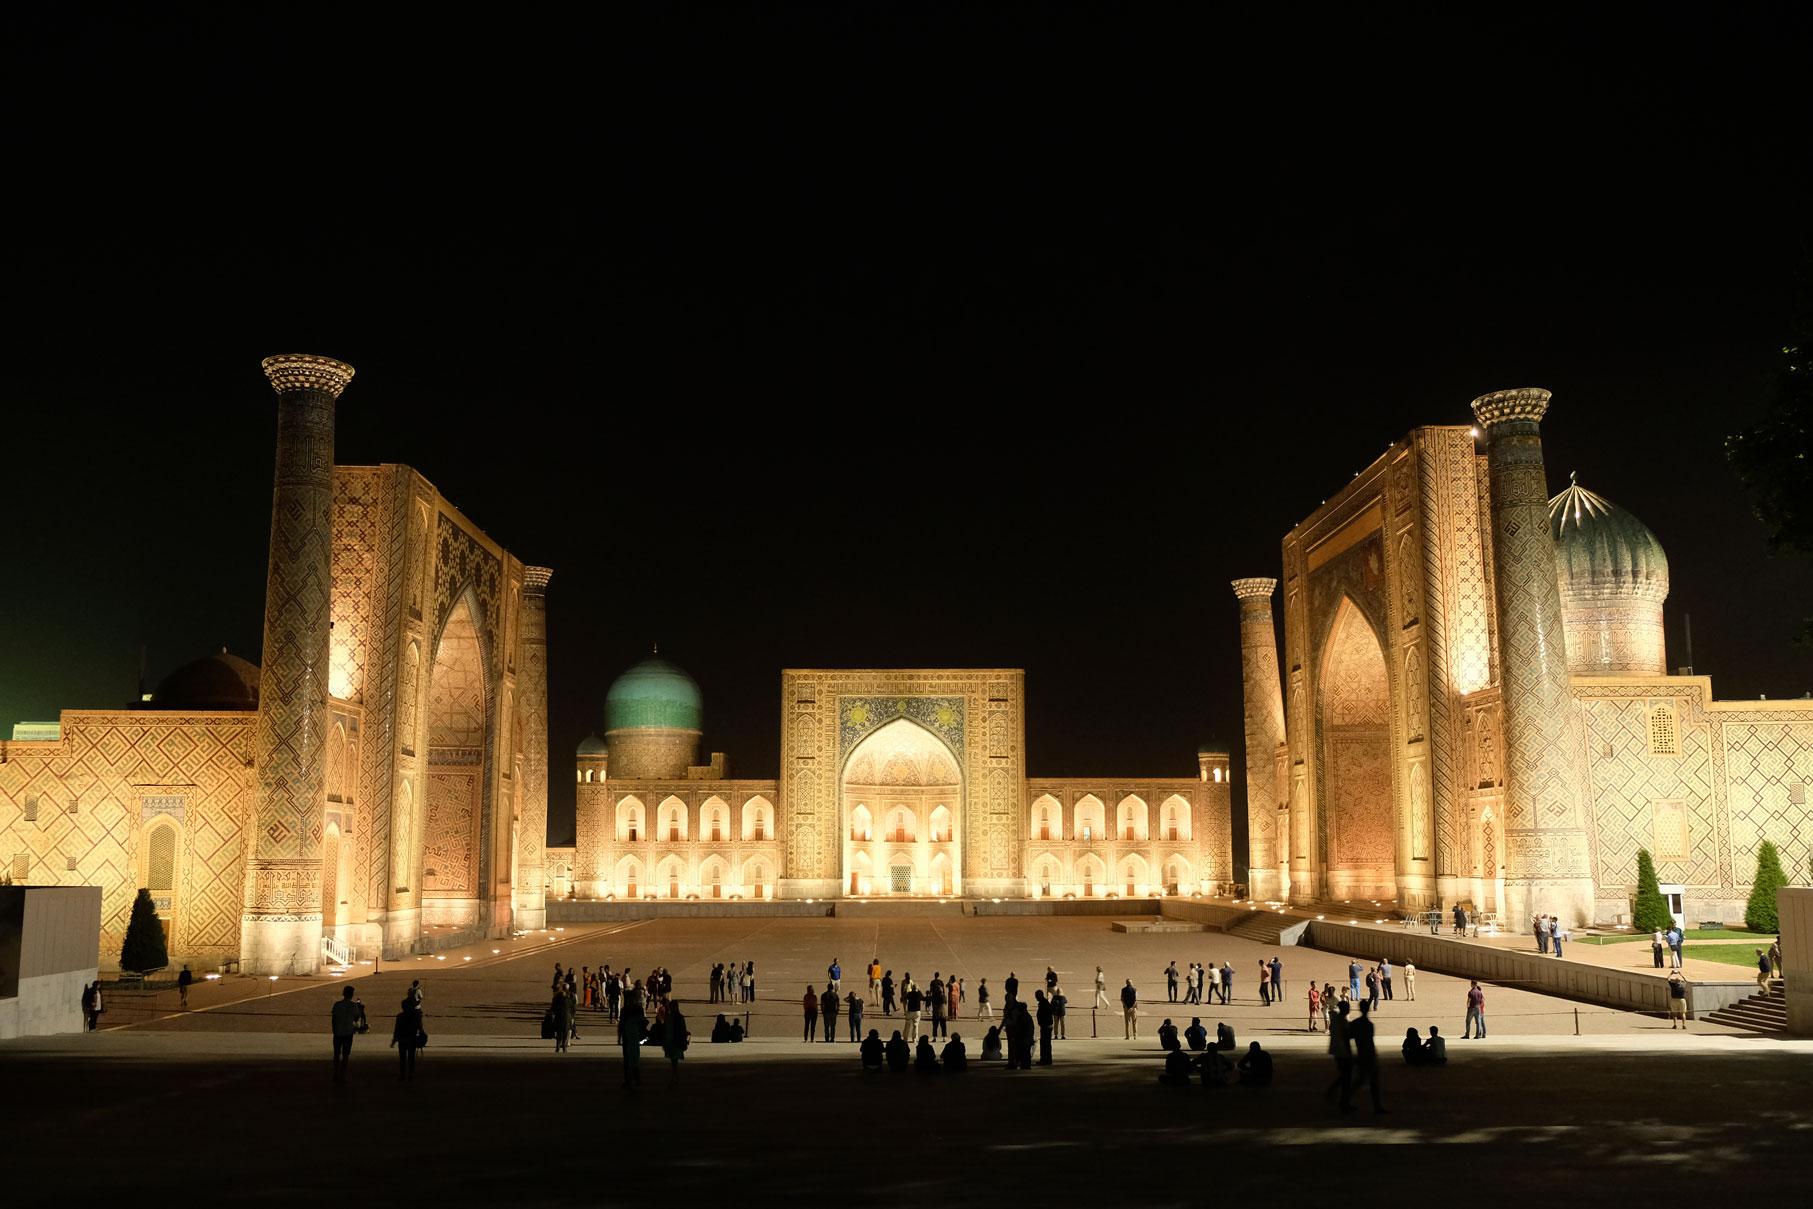 Am Ankunftsabend schlendern wir durch Samarkand und sind überweltingt von der Haupt-Sehenswürdigkeit der Stadt: Dem Registan